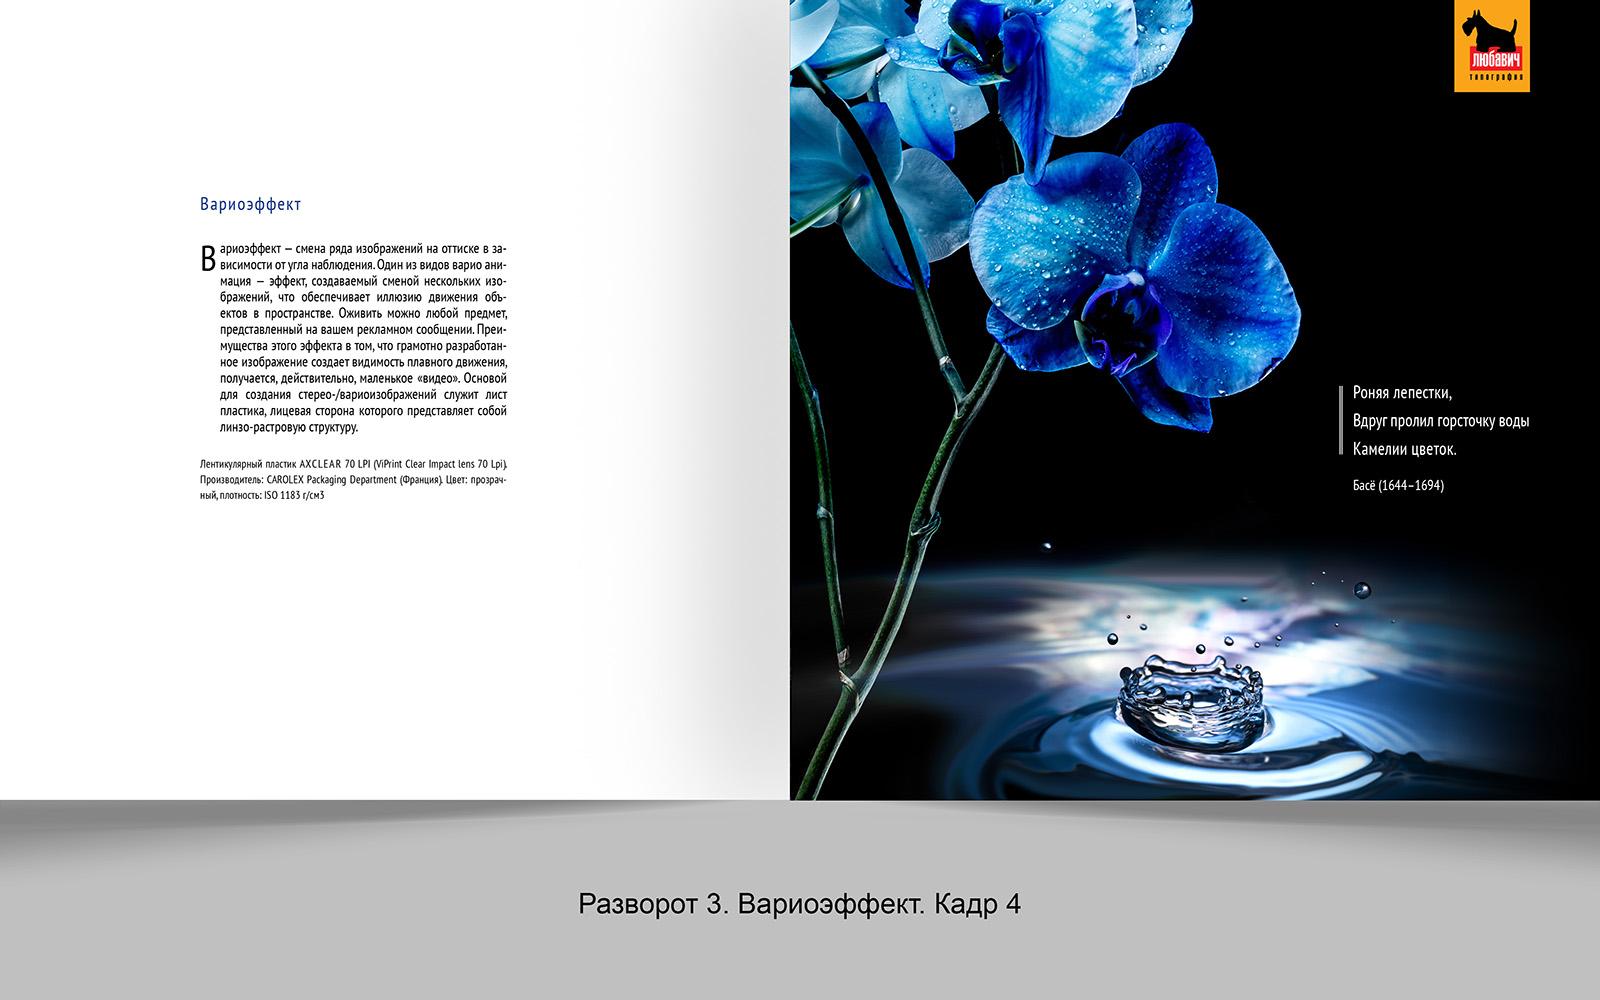 Дизайн рекламной брошюры возможностей типографии фото f_6785648d4dd88f70.jpg